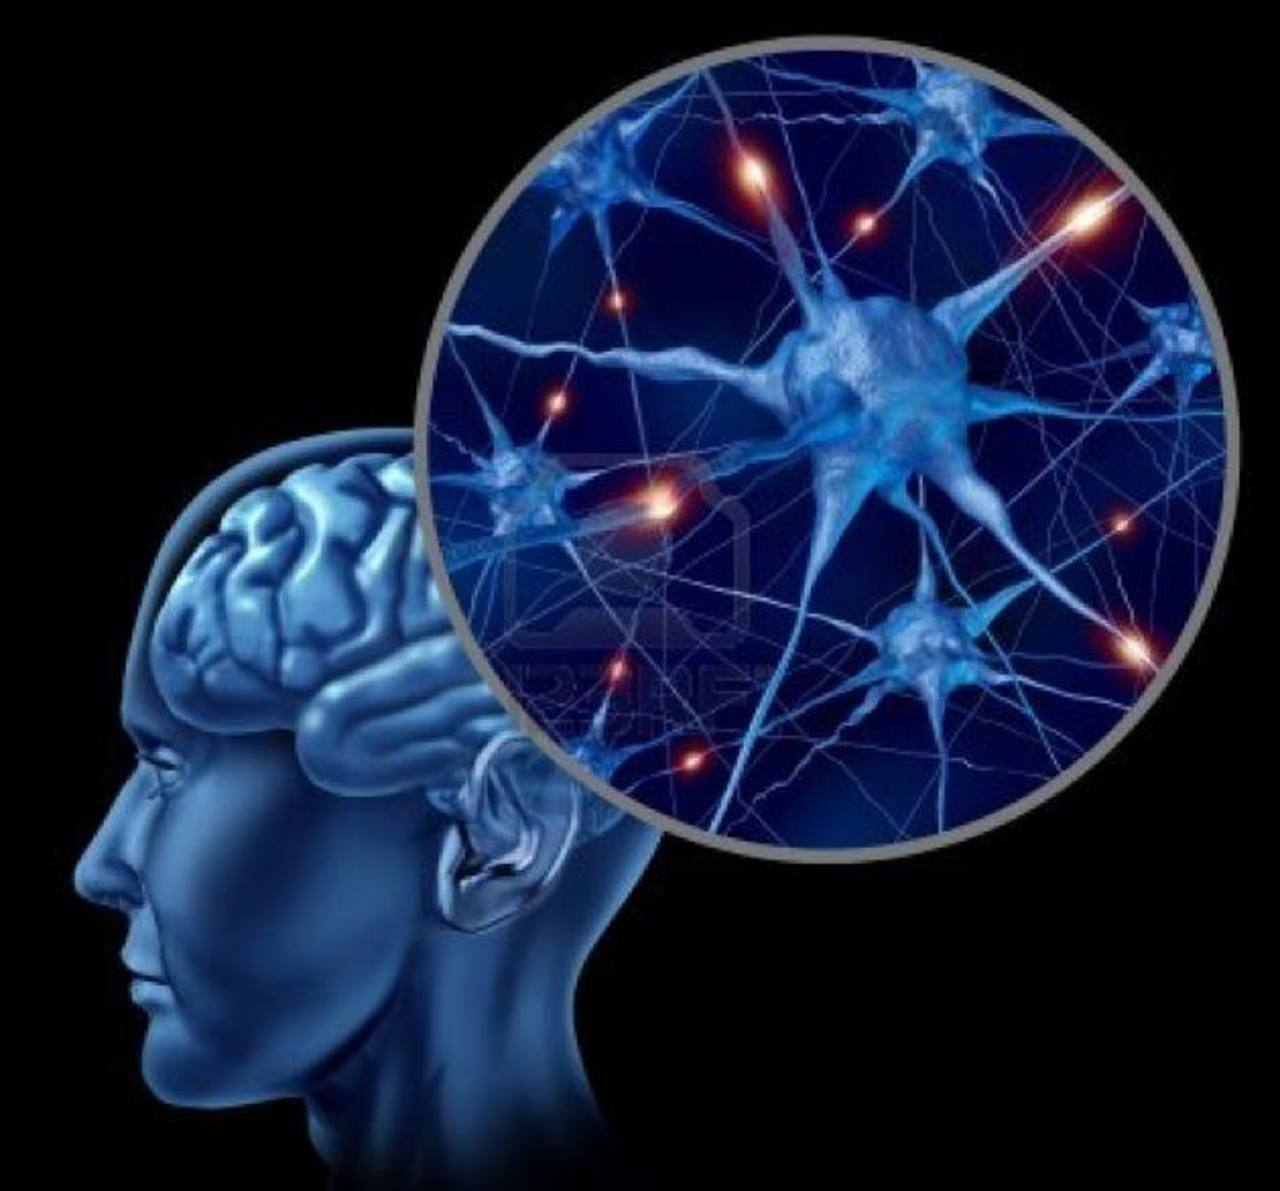 Los ataques los causa un exceso de descargas eléctricas repentinas en un grupo de células cerebrales. foto EDH